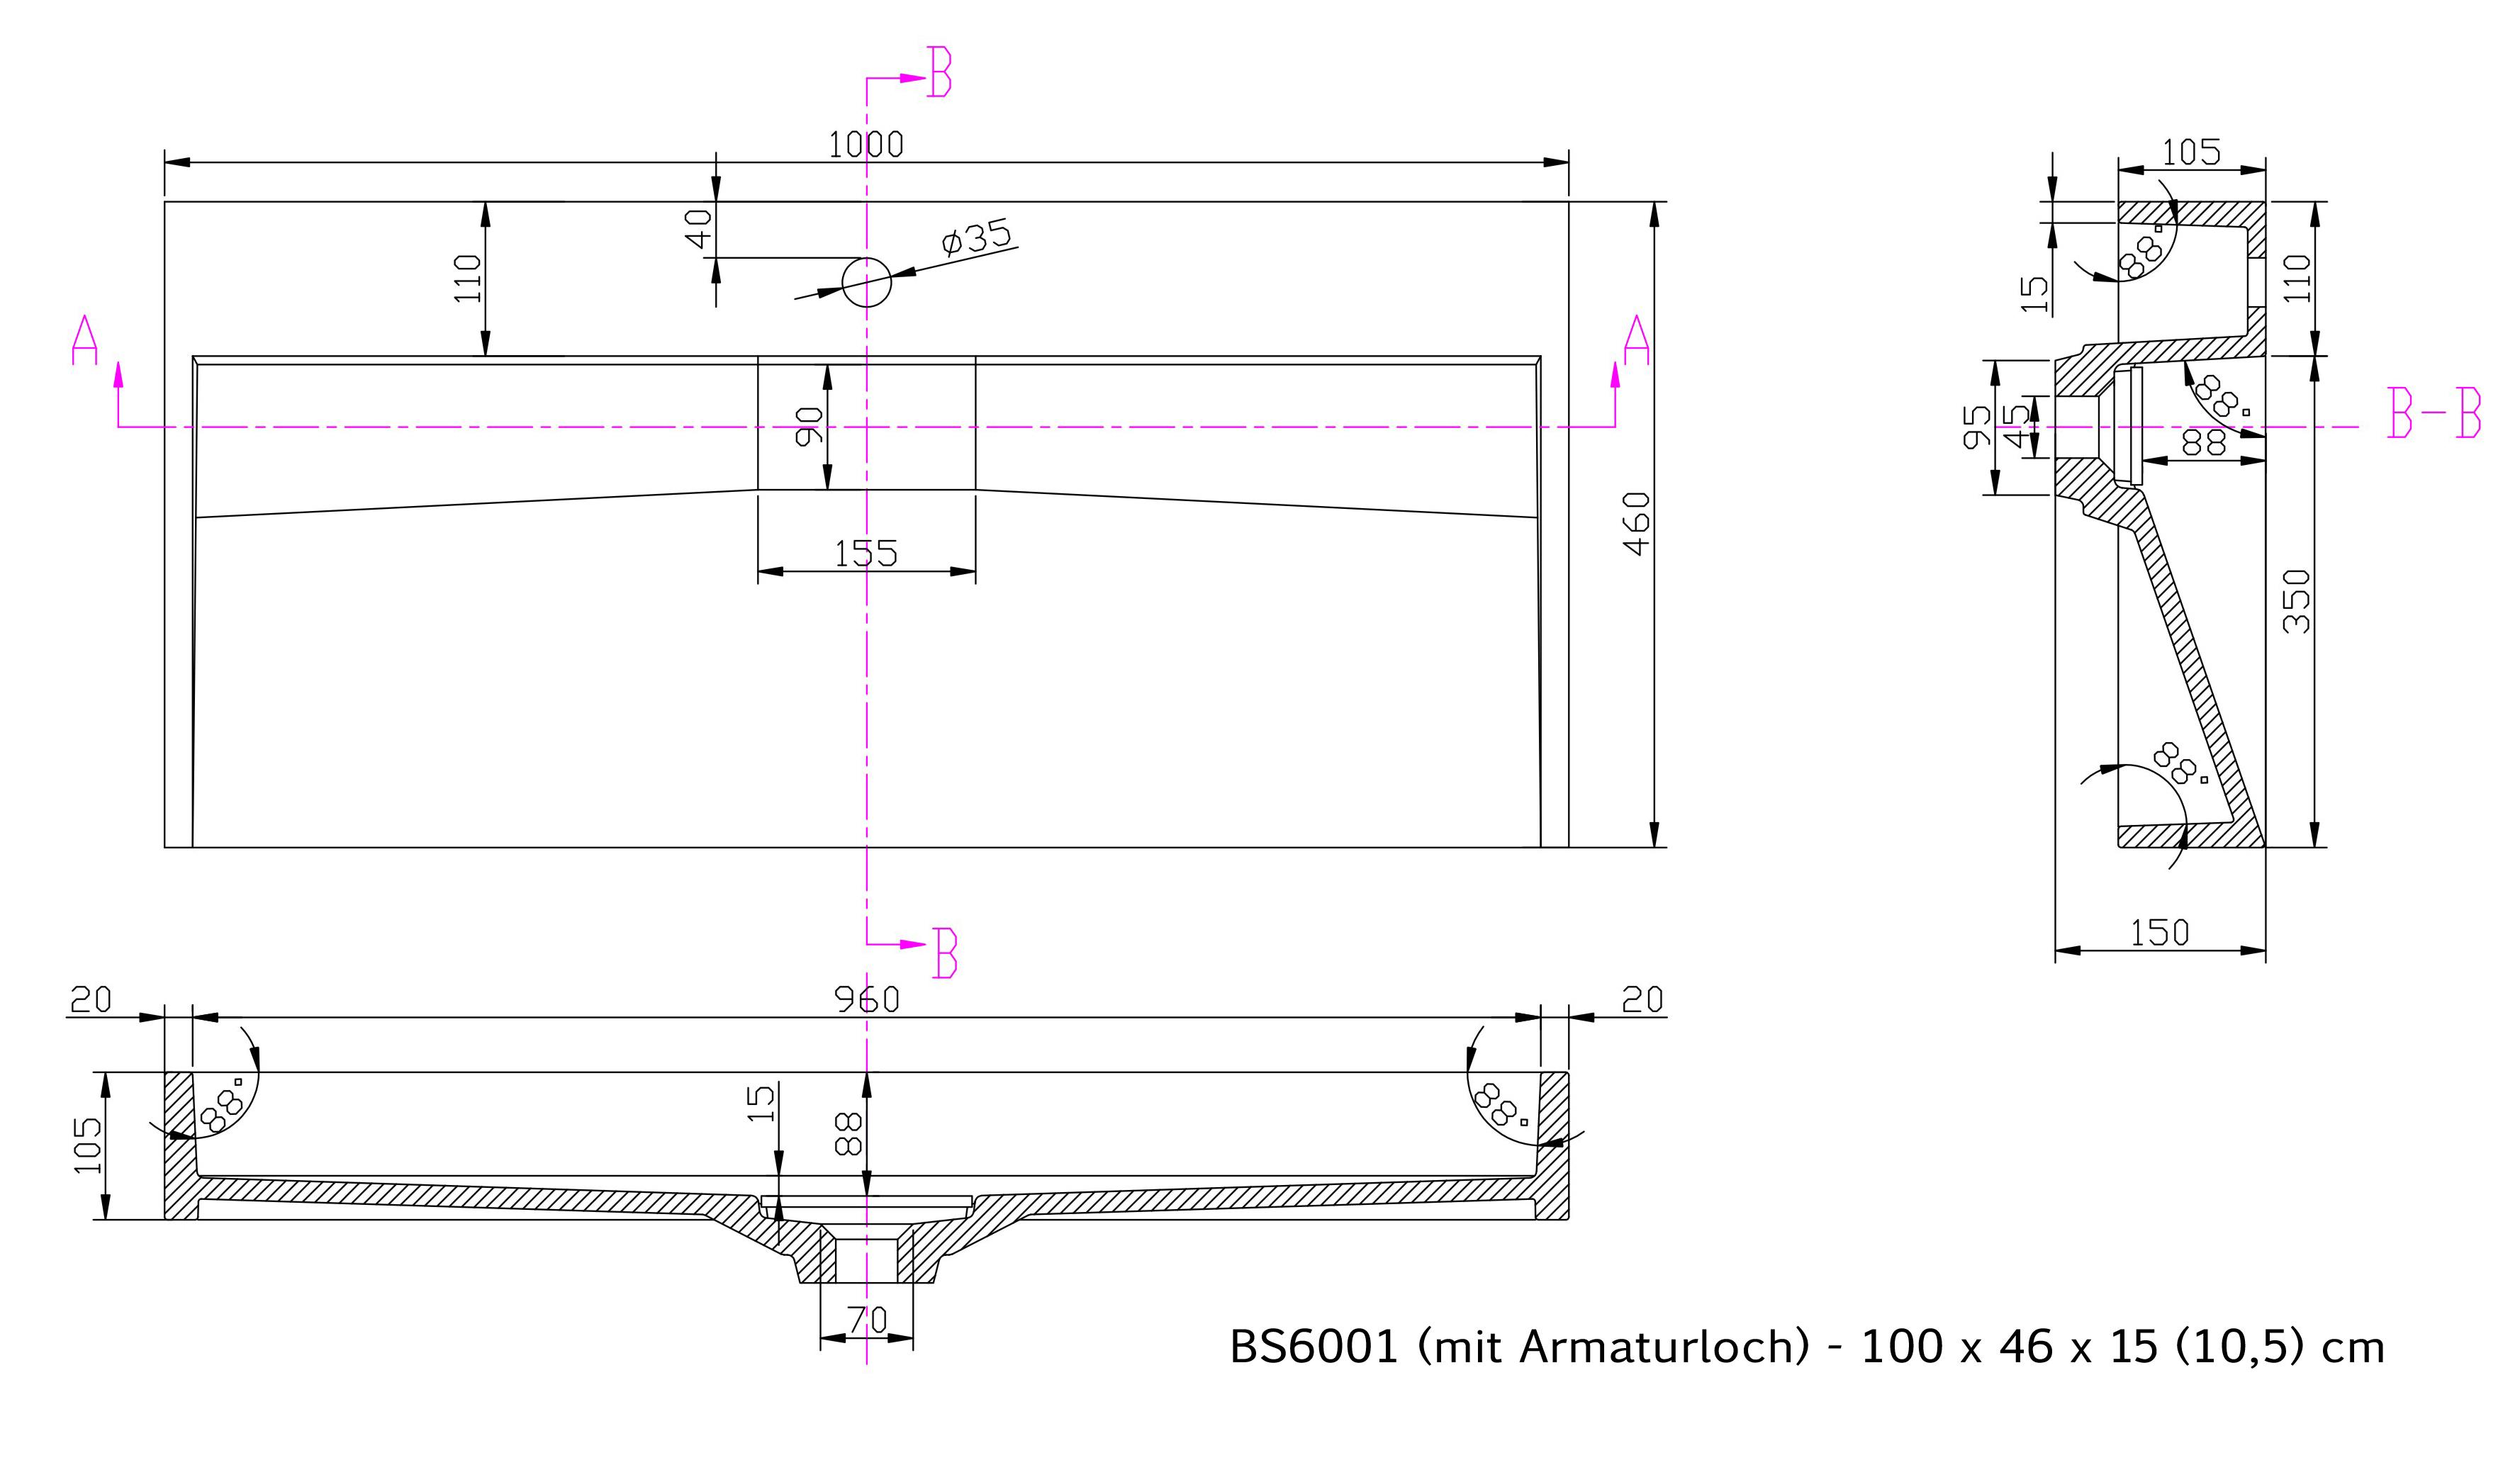 BS6001 - Breite 100cm - mit Armaturloch